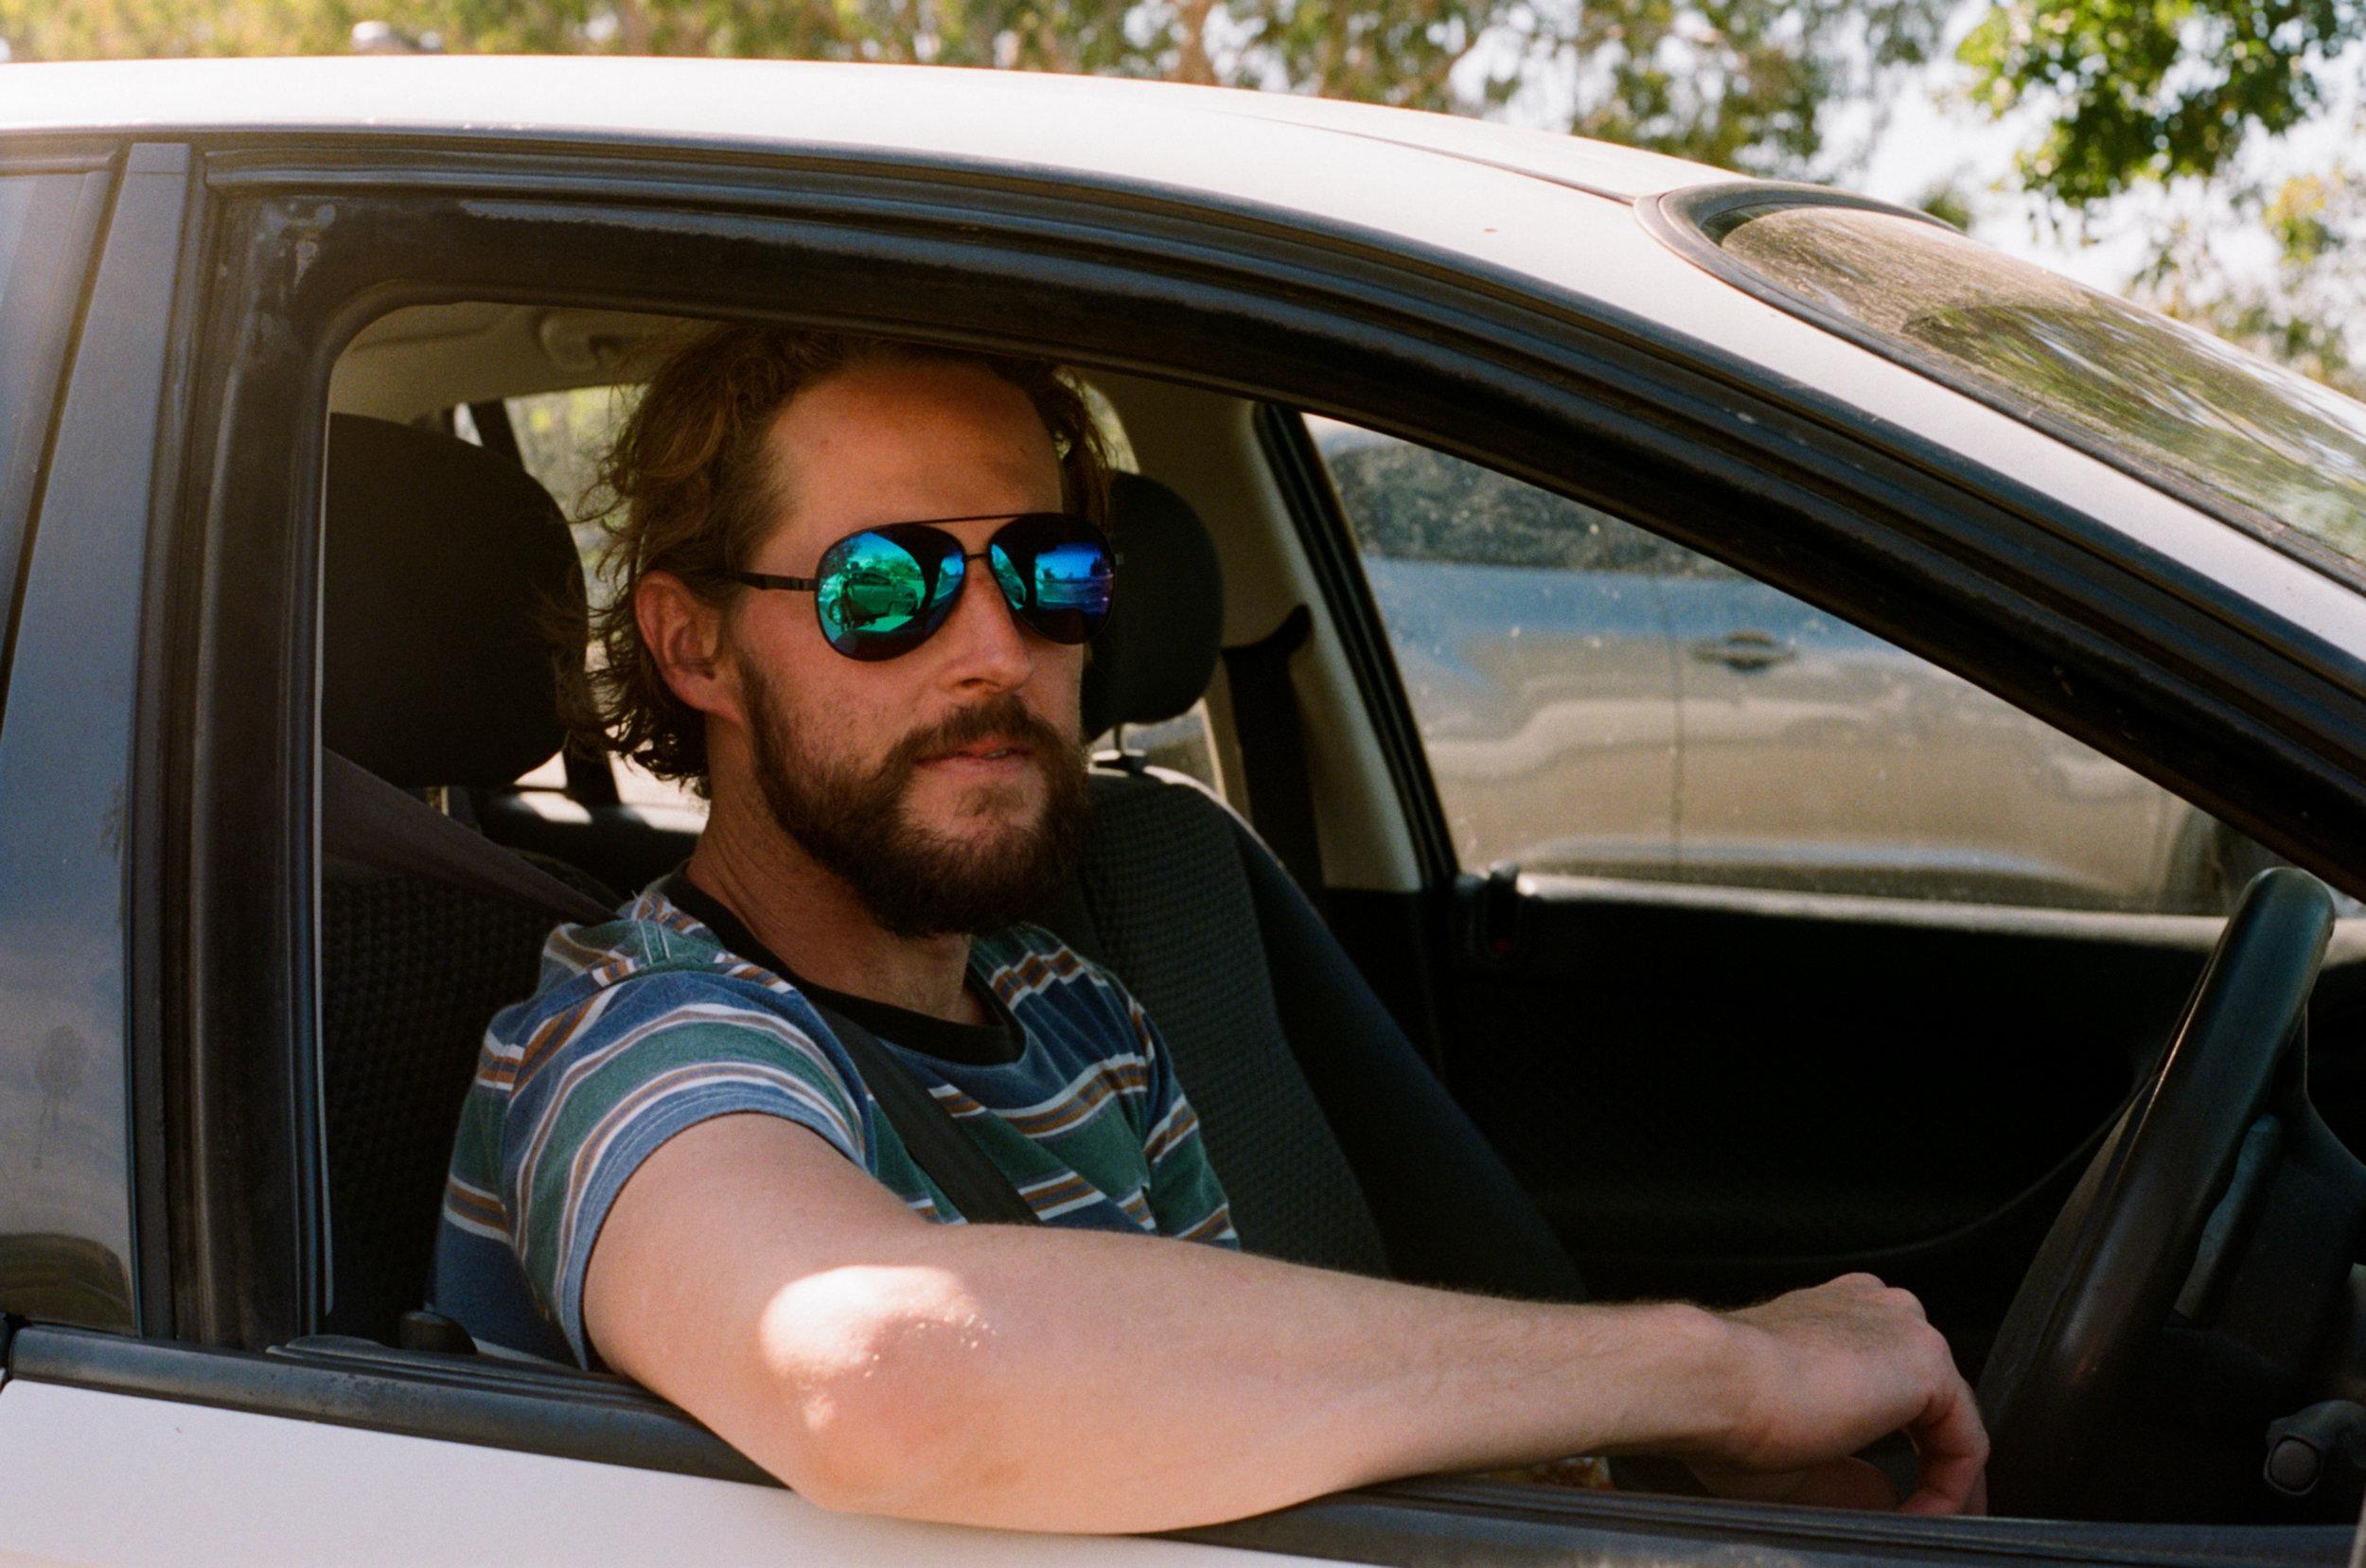 Australian Keanu Reeves. Kodak Portra 400, Nikon FM2 w/ 50mm f/1.8.